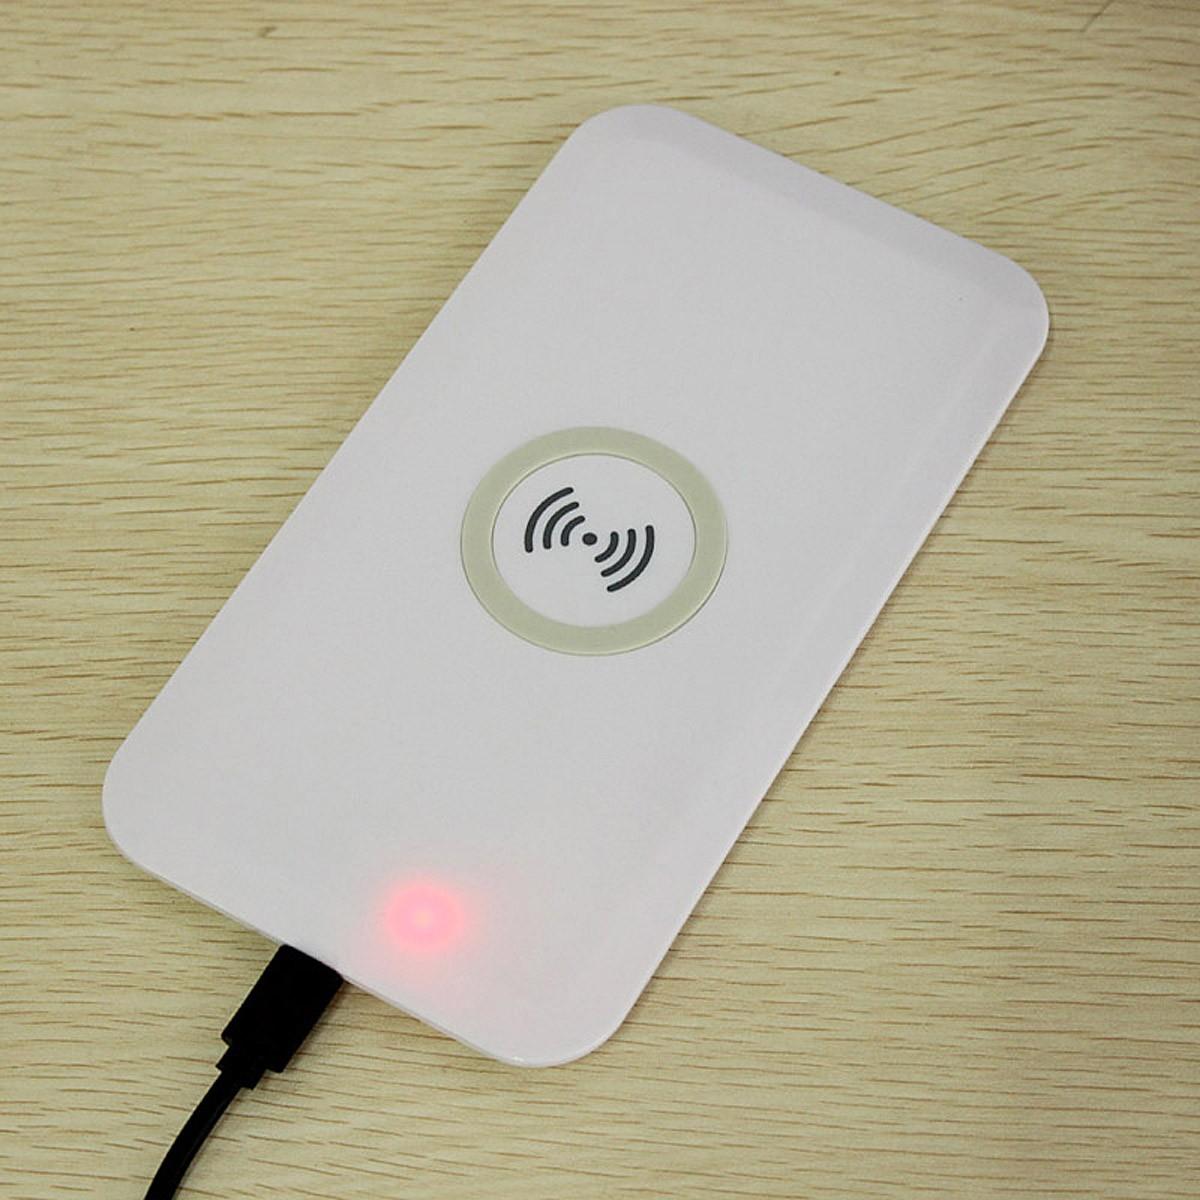 TRANSMETTEUR DE CHARGE SANS FIL SMARTPHONE QI NFC